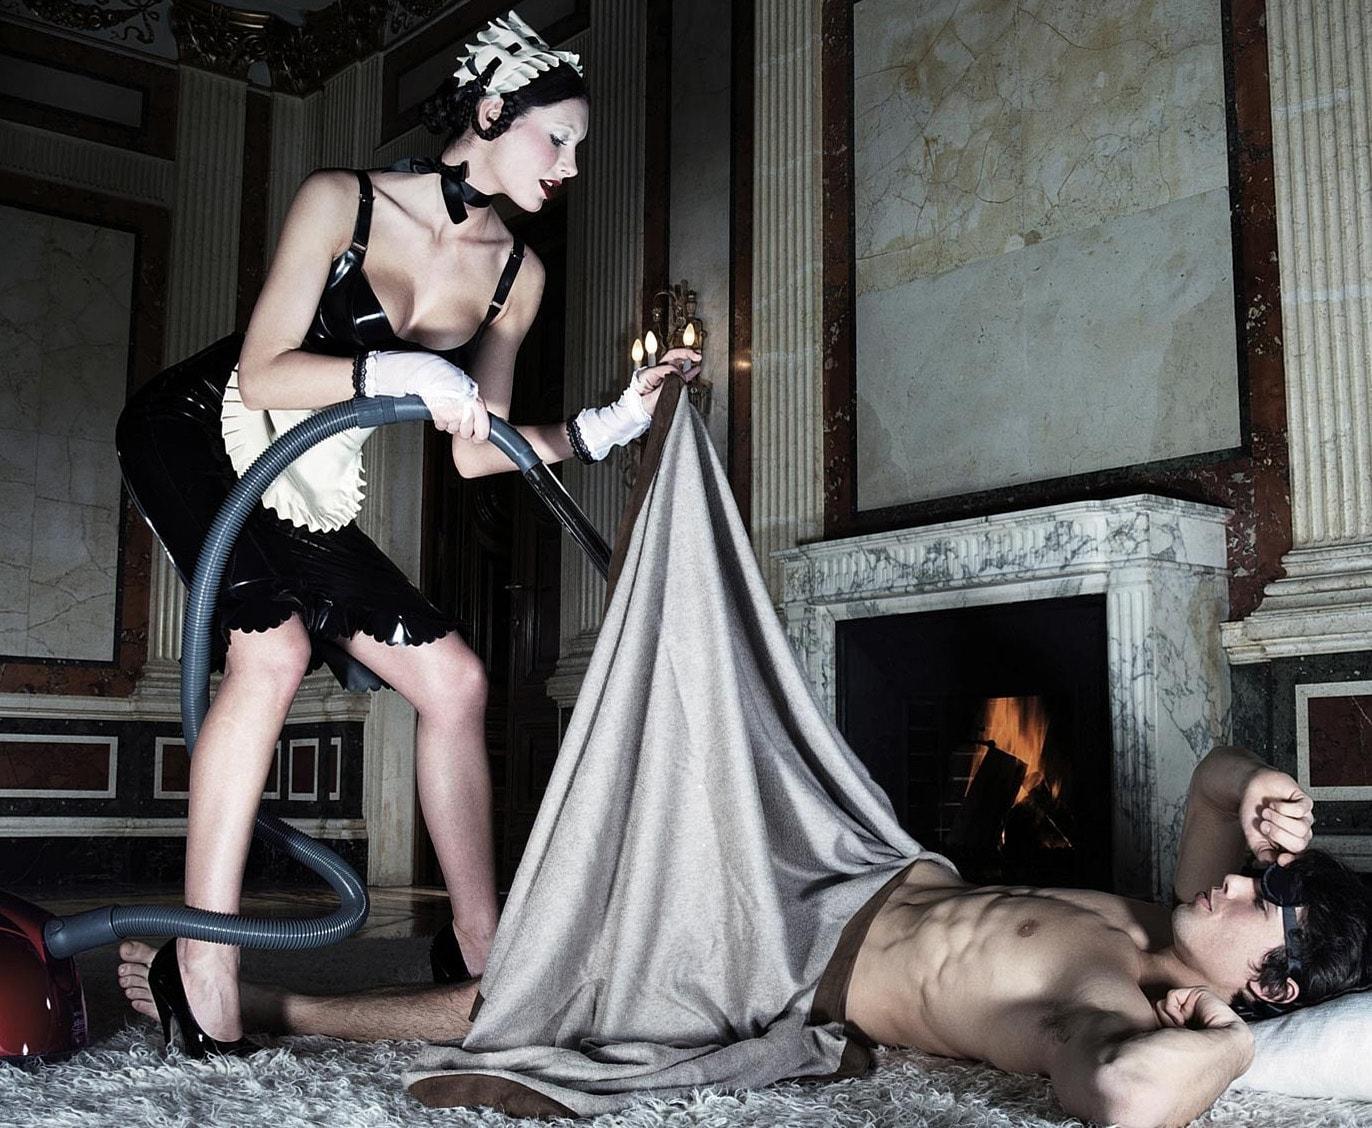 Секс набор сексуал ьные забавы 11 фотография